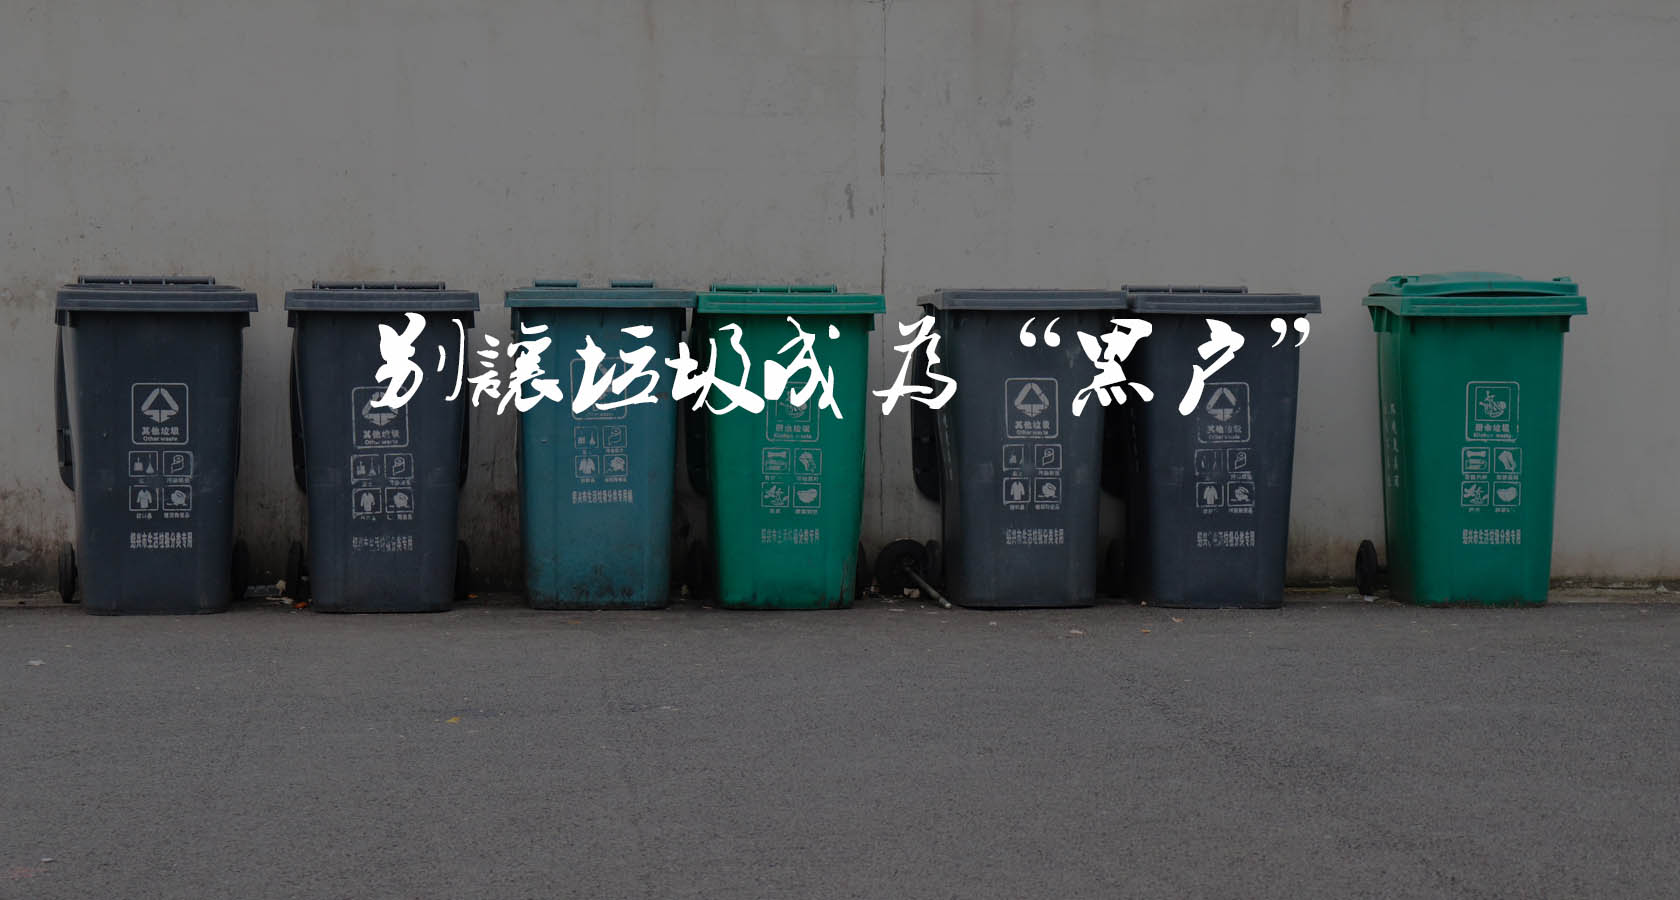 浙江越秀外國語學院的《別讓垃圾成為「黑戶」》,獲得學生組融媒體人氣獎。 別讓垃圾成為「黑戶」